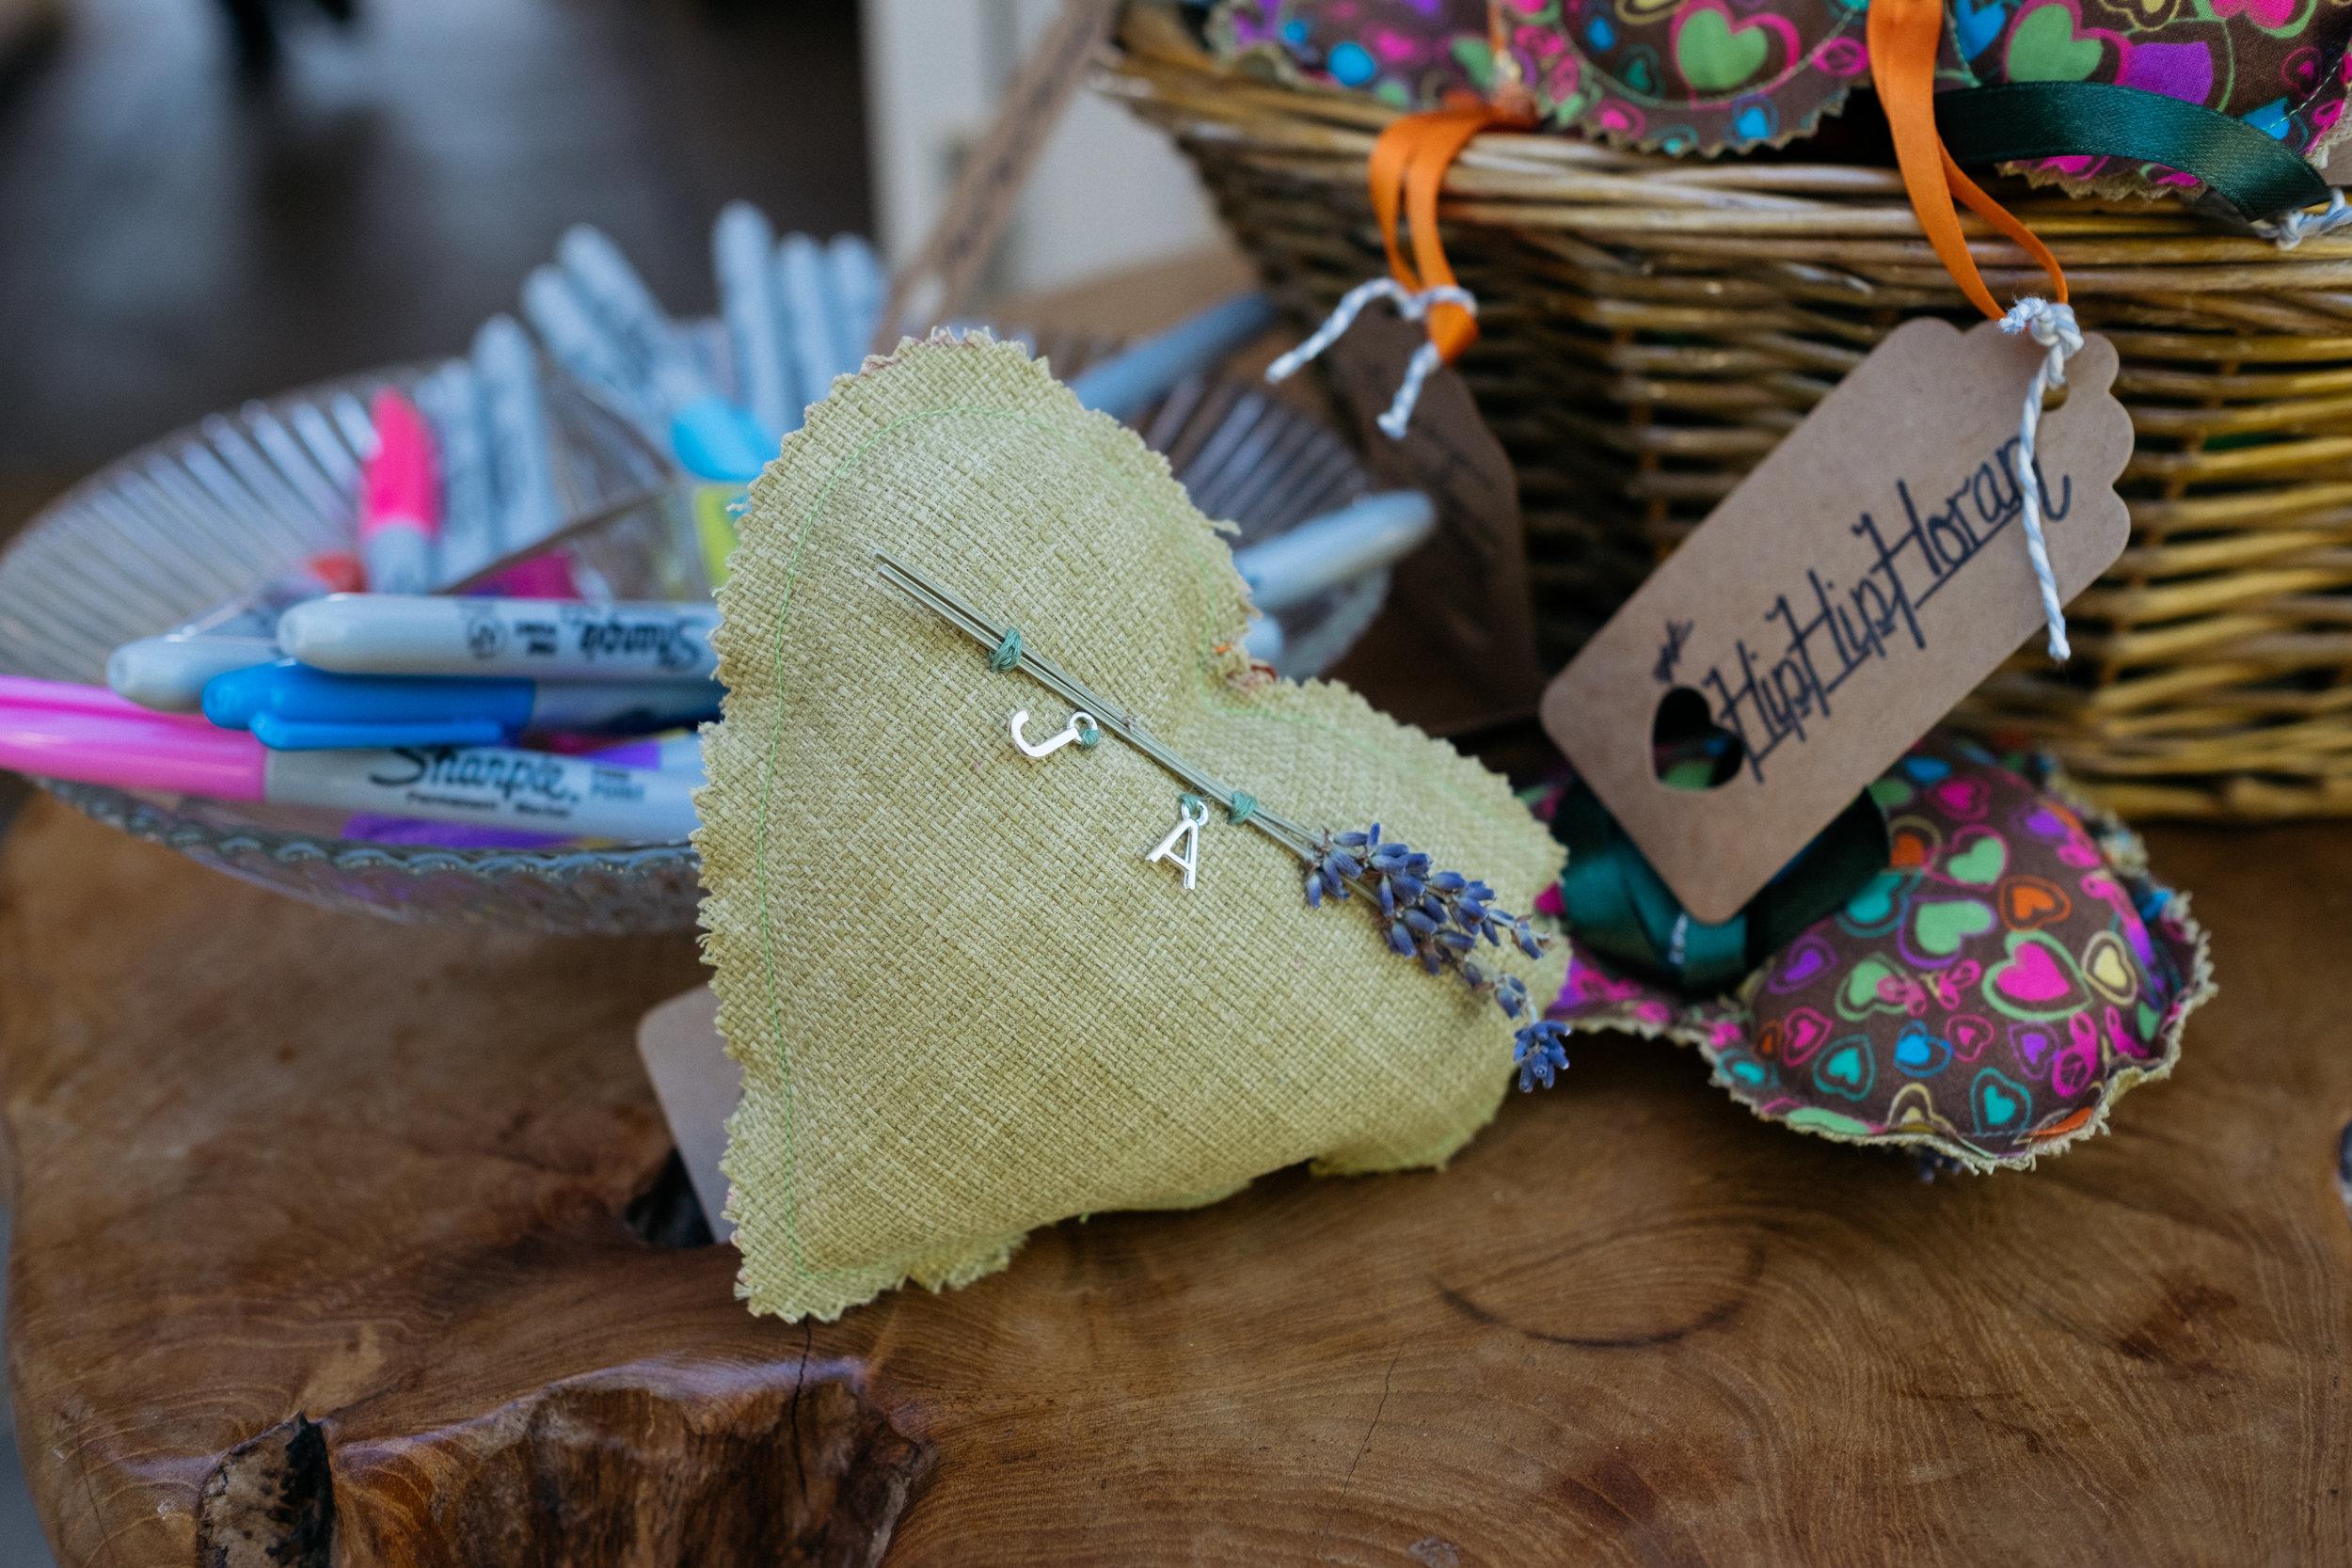 Handmade heart wedding favours